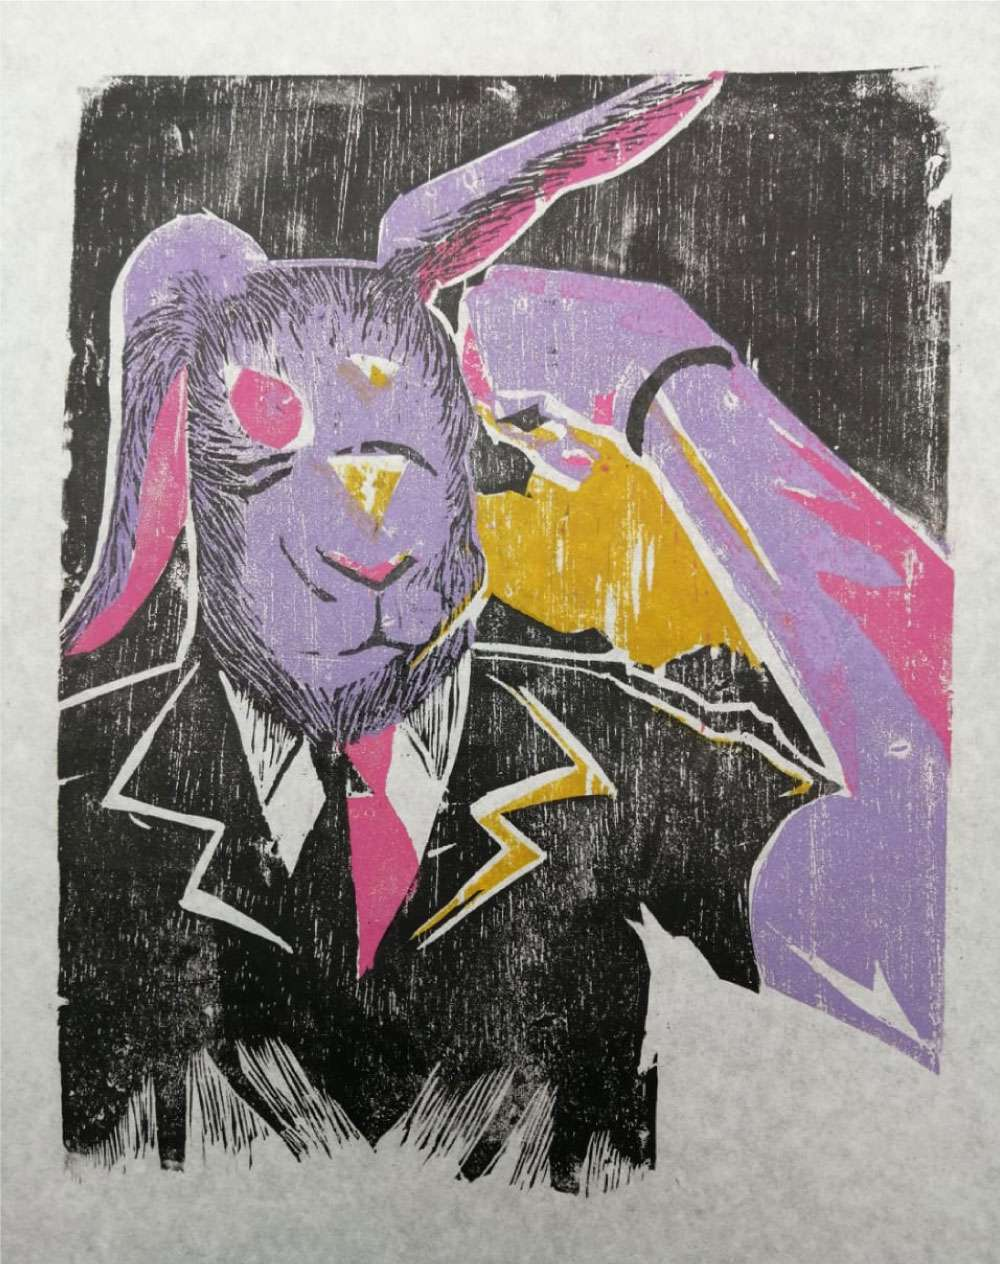 Obra: Autorretrato y propaganda 3: Señor conejo, transformación total/Serie Sangre de conejo